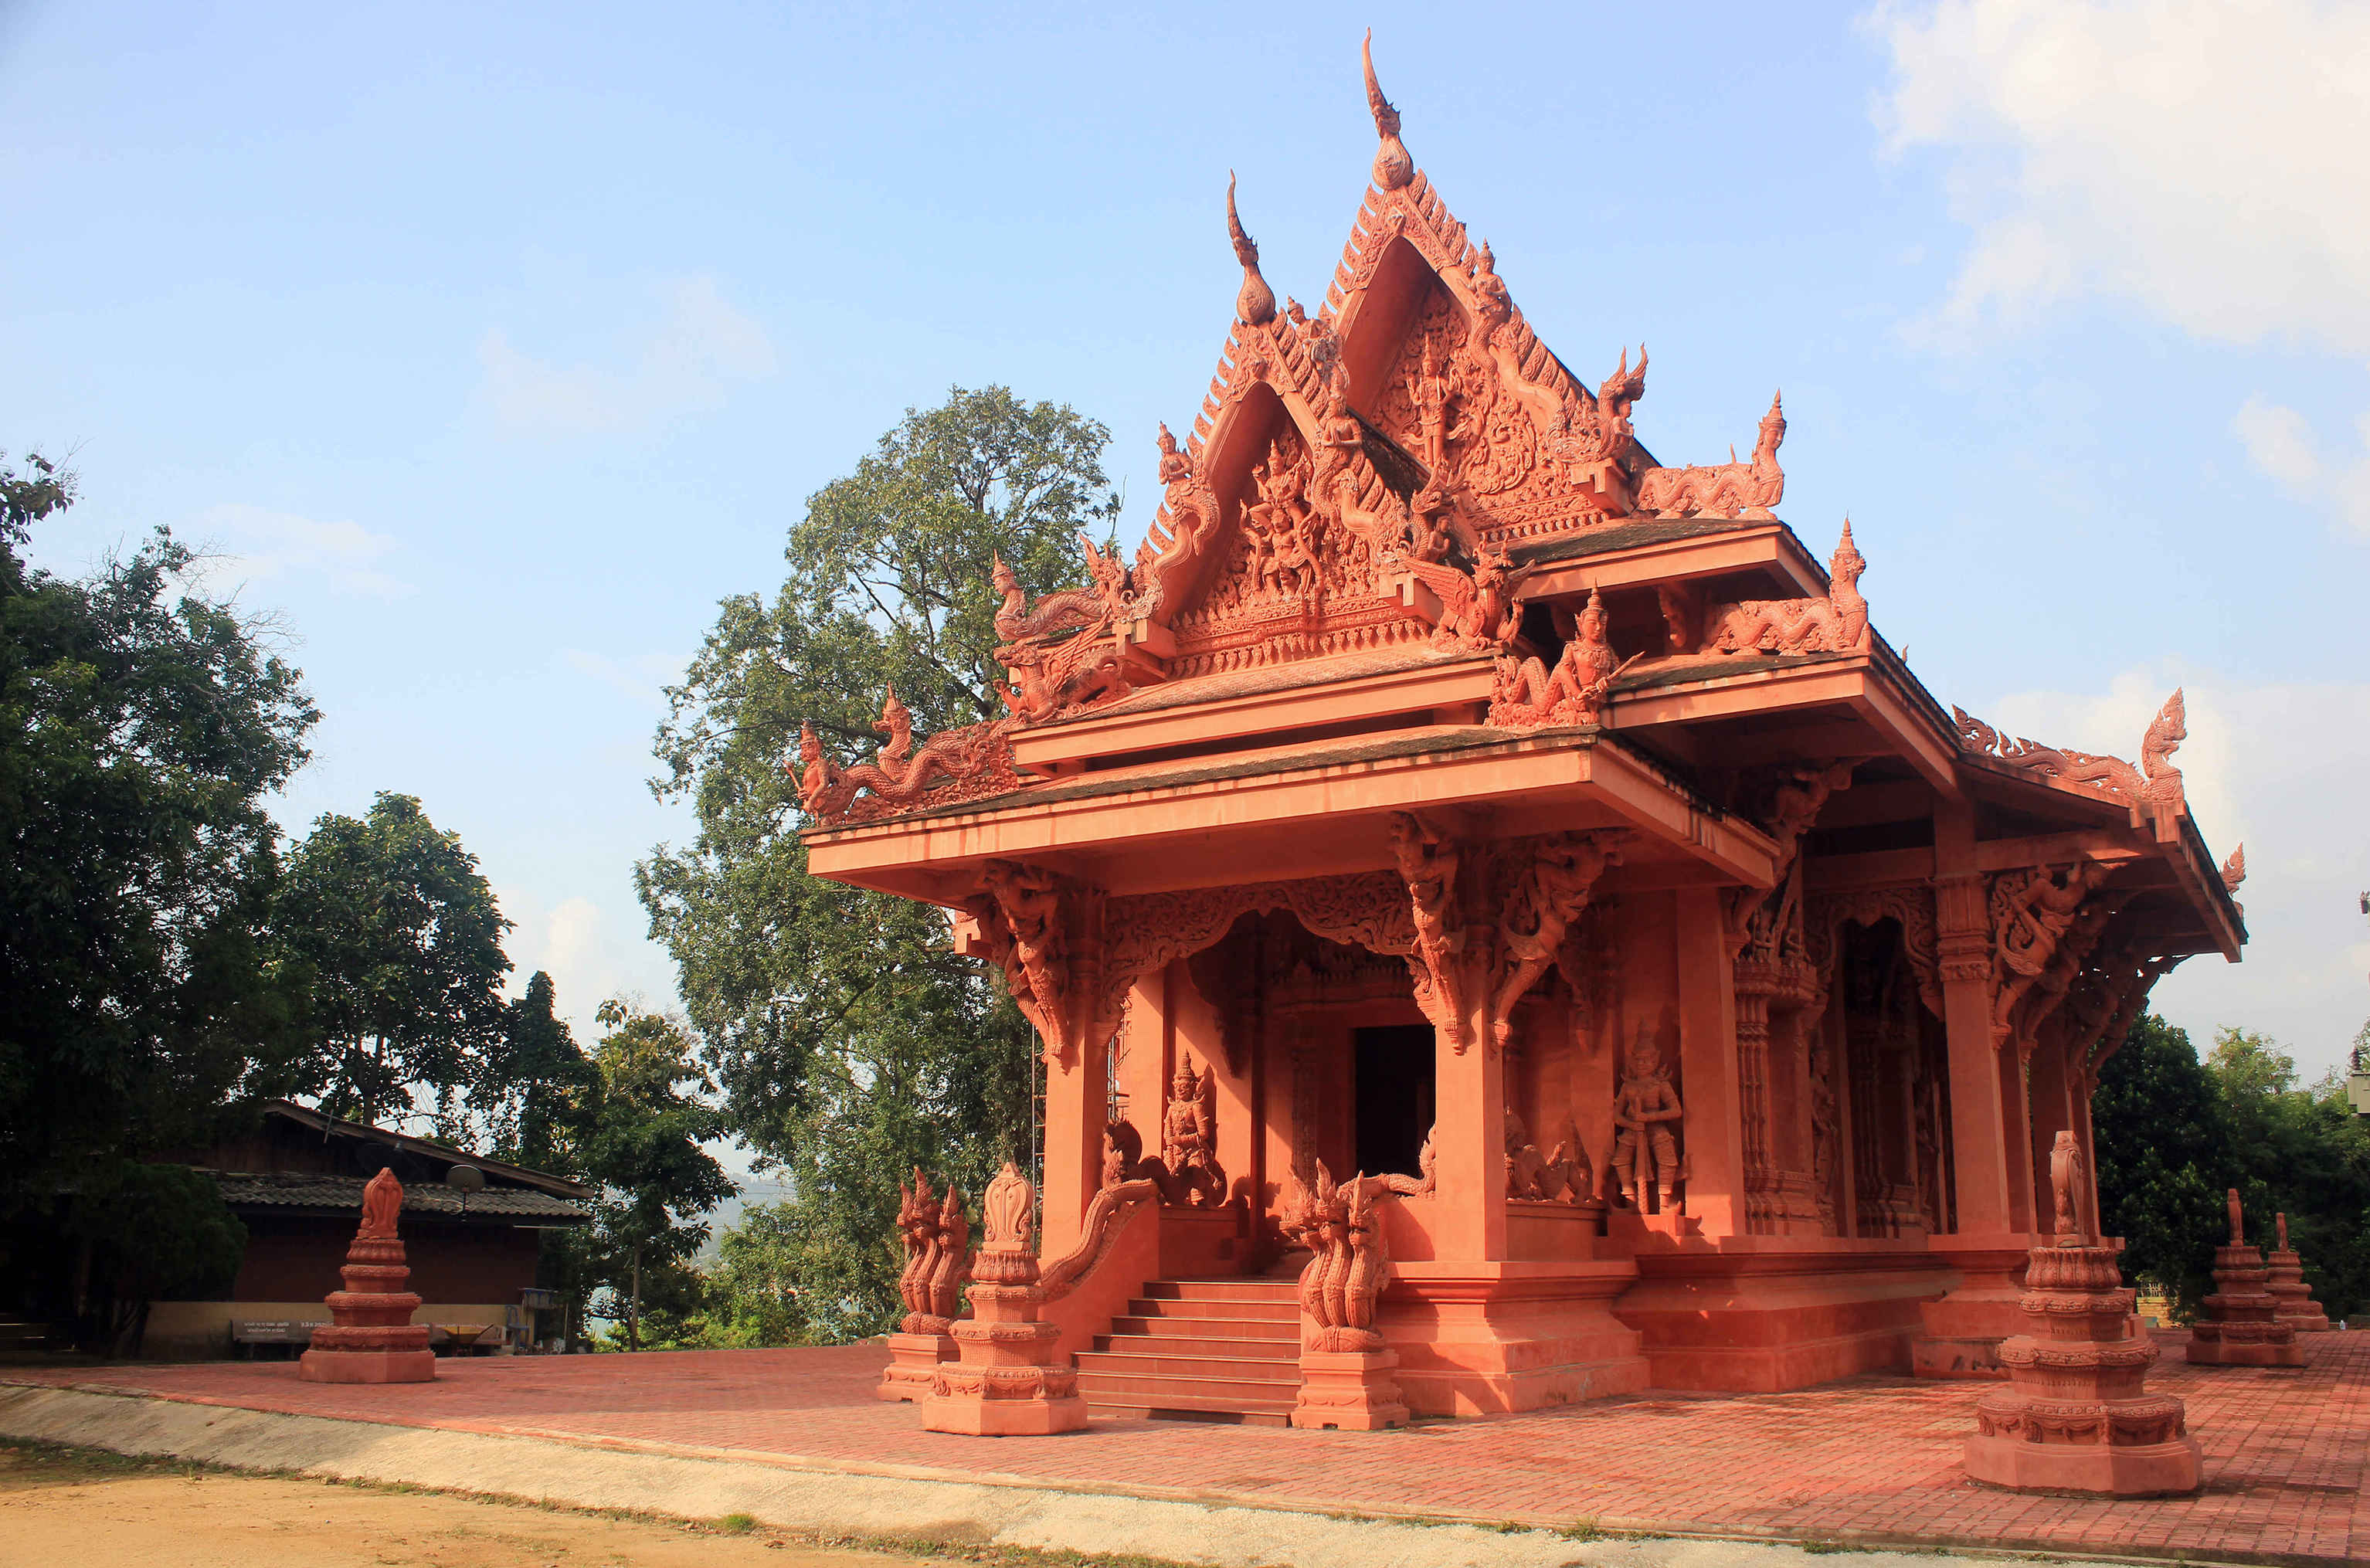 Развлечения для детей на Самуи, фото храма Сила Нгу (Wat Sila Ngu)